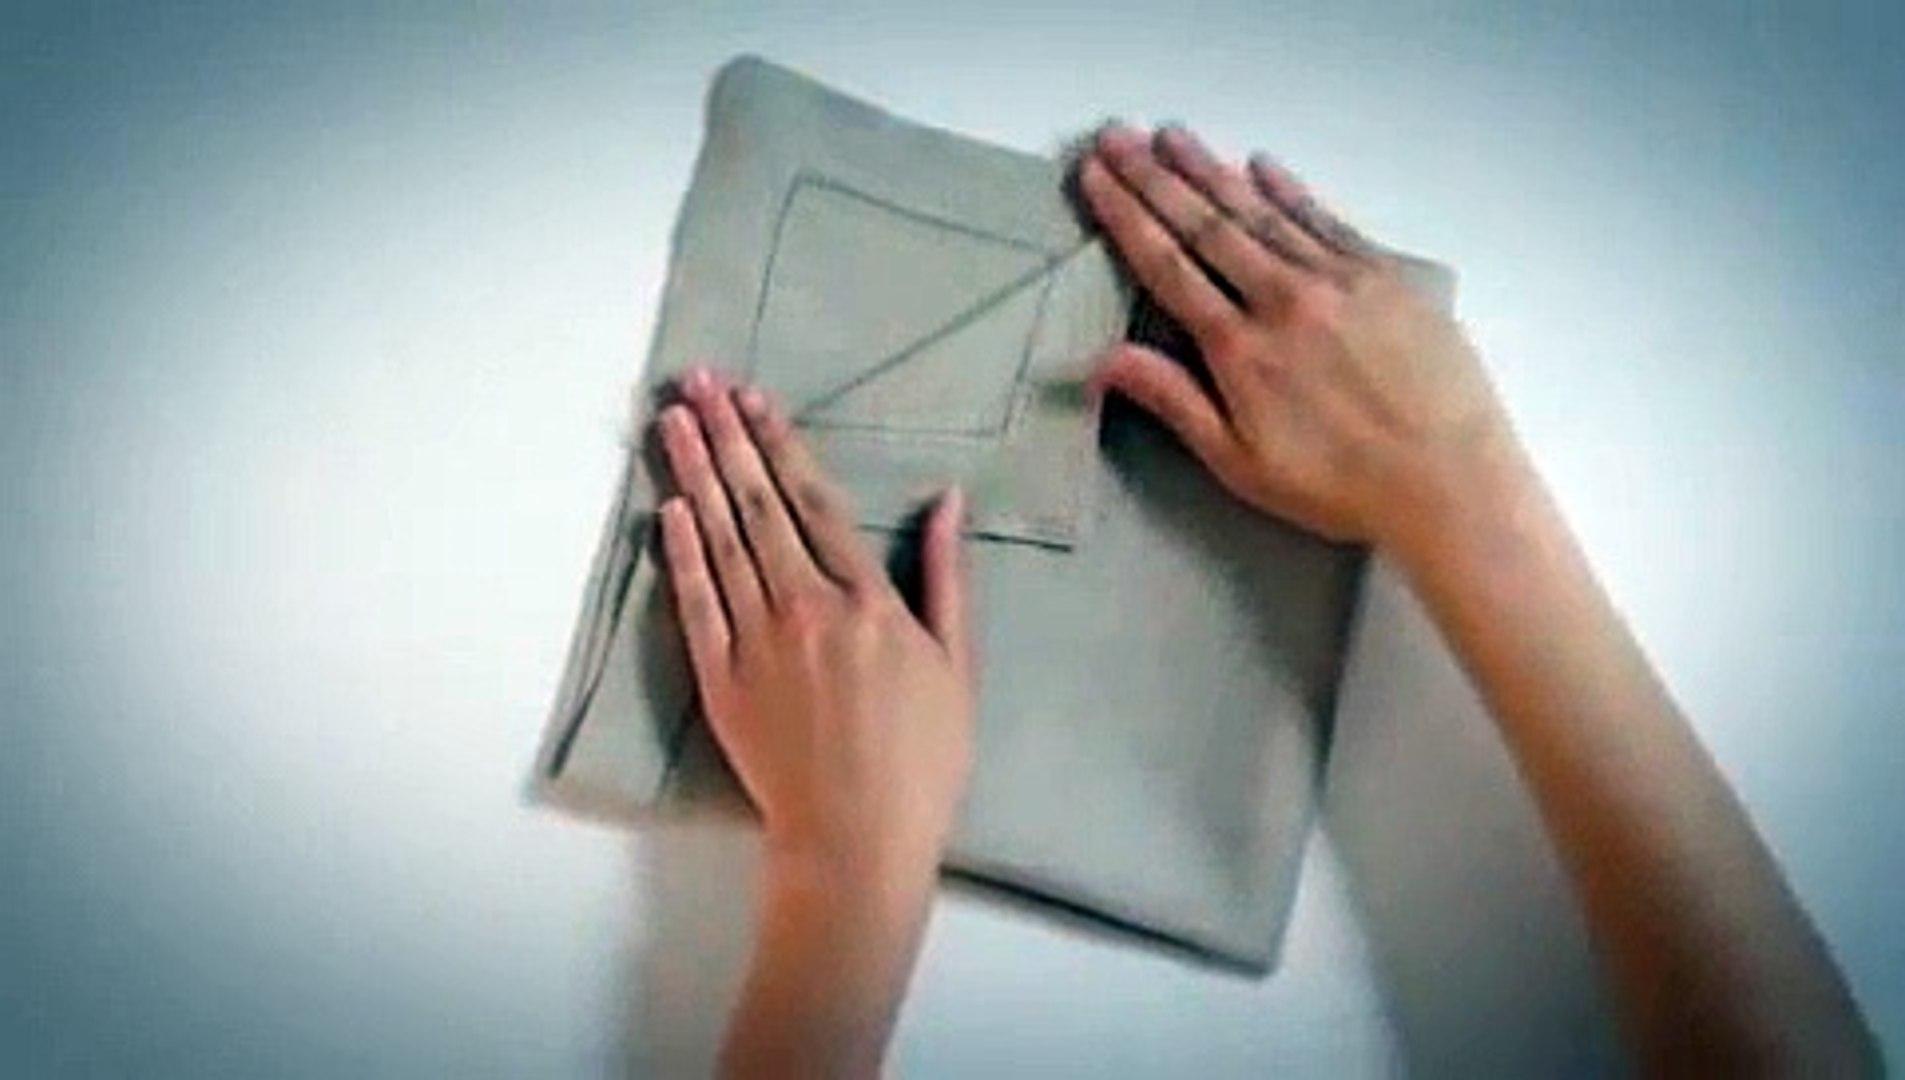 Pliage Serviette Facile Range Couverts créer un range couverts en tissu (pliage de serviette) - labelleadresse